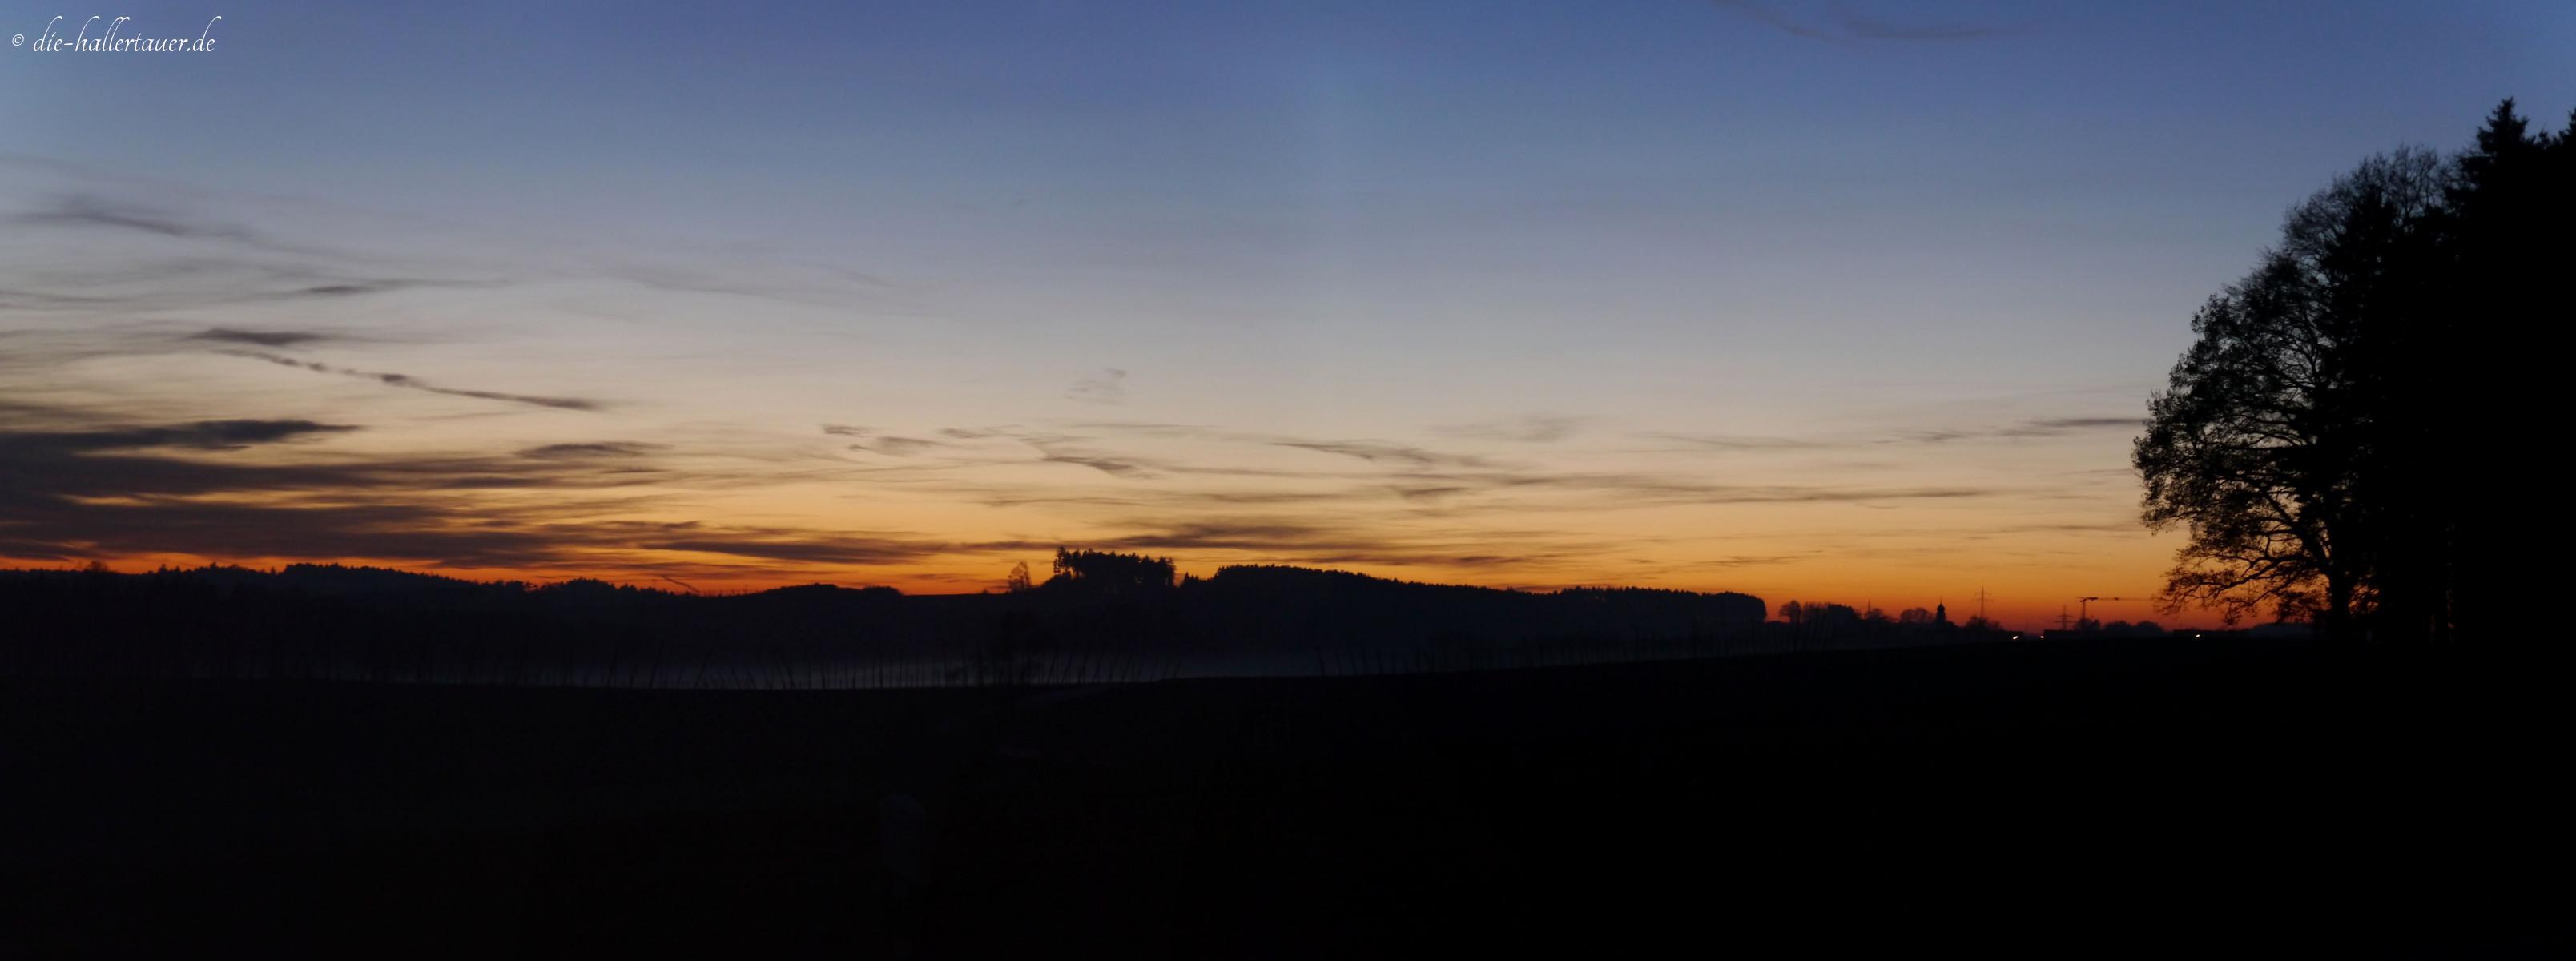 Sonnenuntergang Rudertshausen